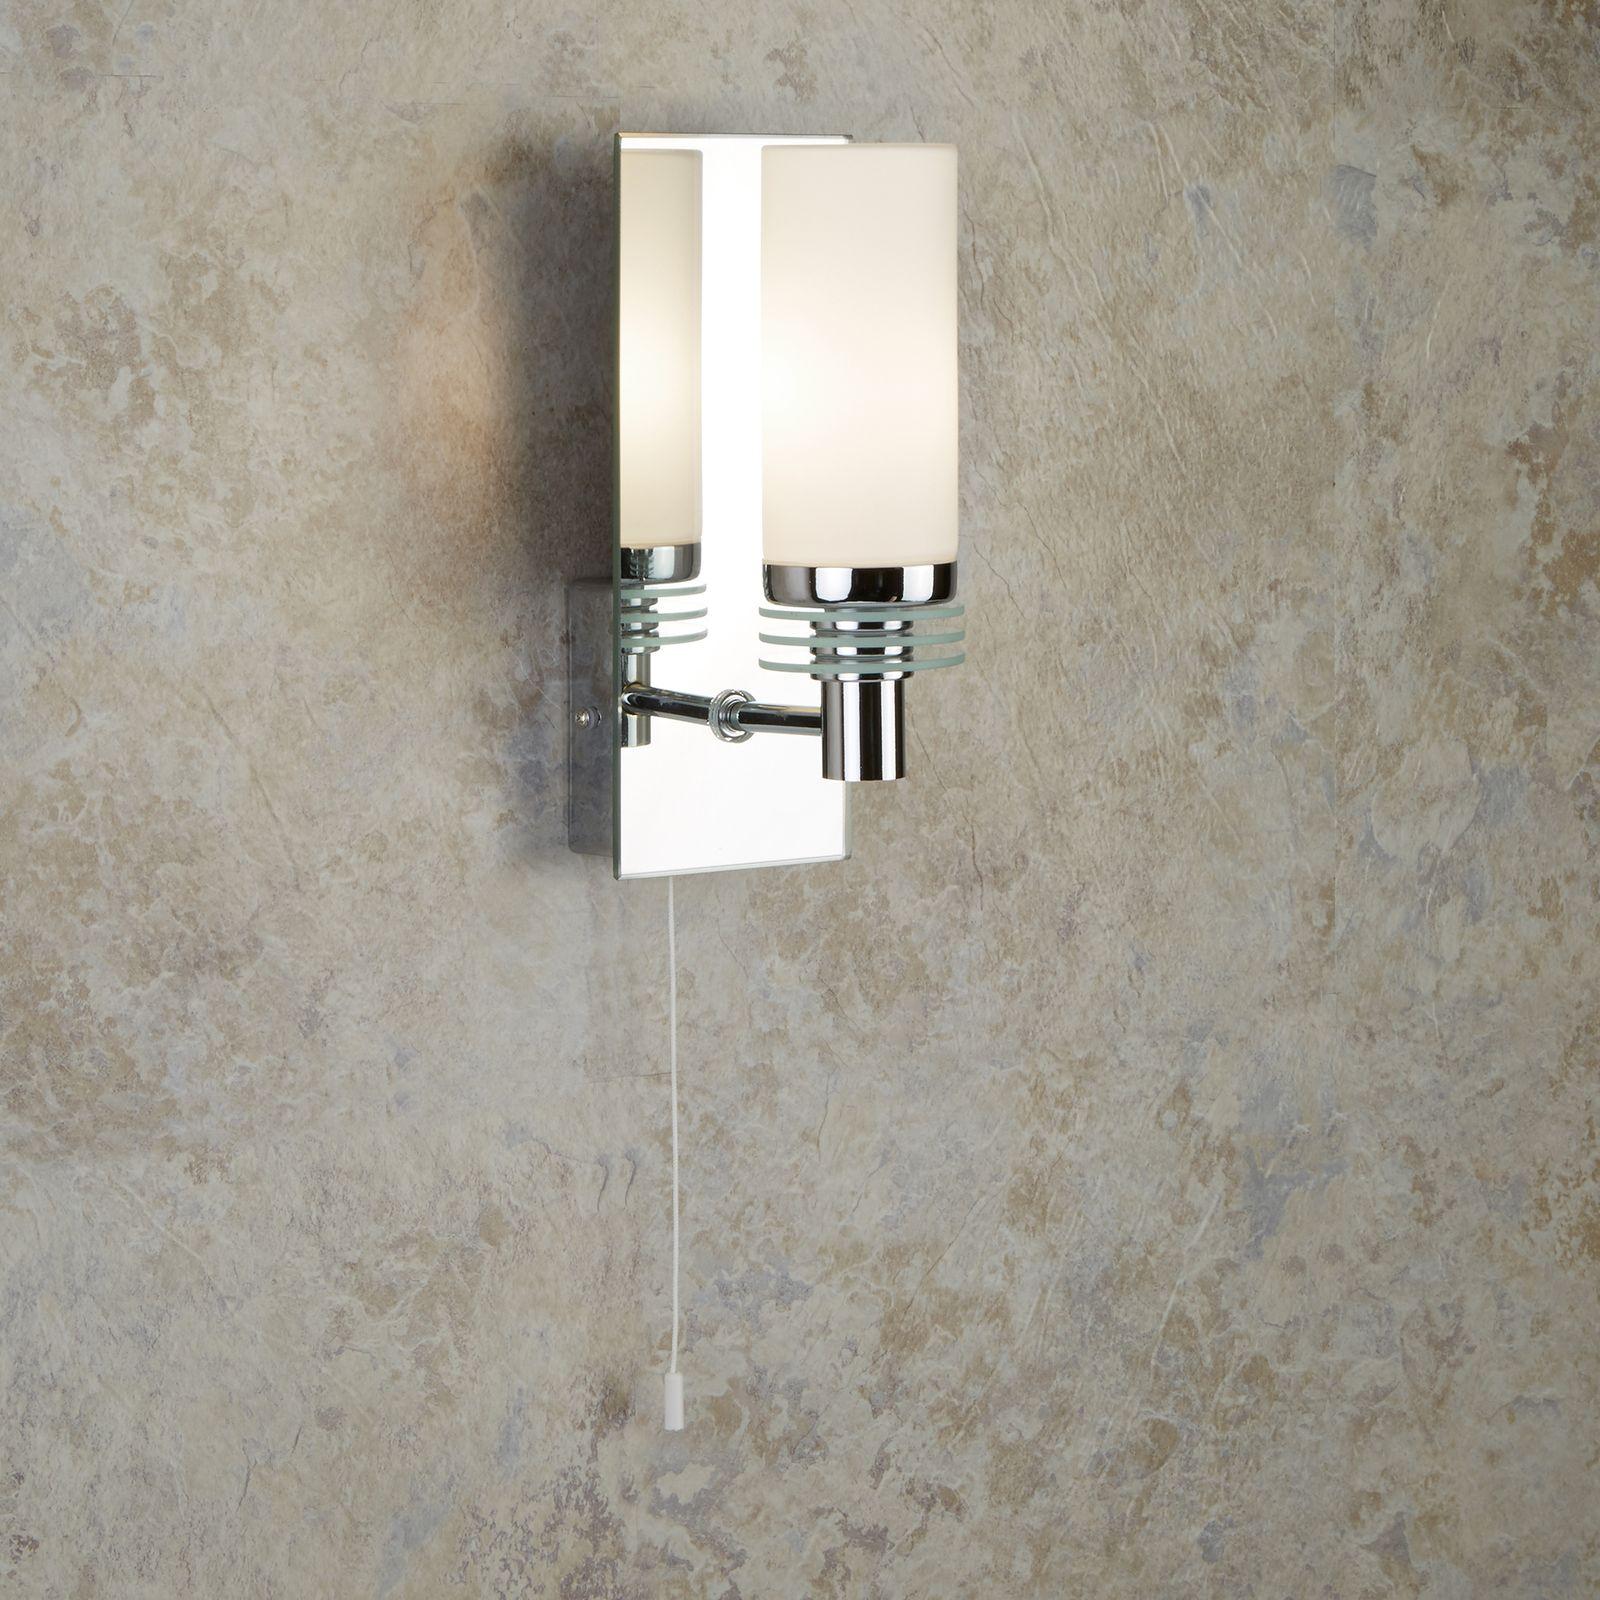 led wandleuchte f rs bad chrom gespiegeltes glas rund. Black Bedroom Furniture Sets. Home Design Ideas